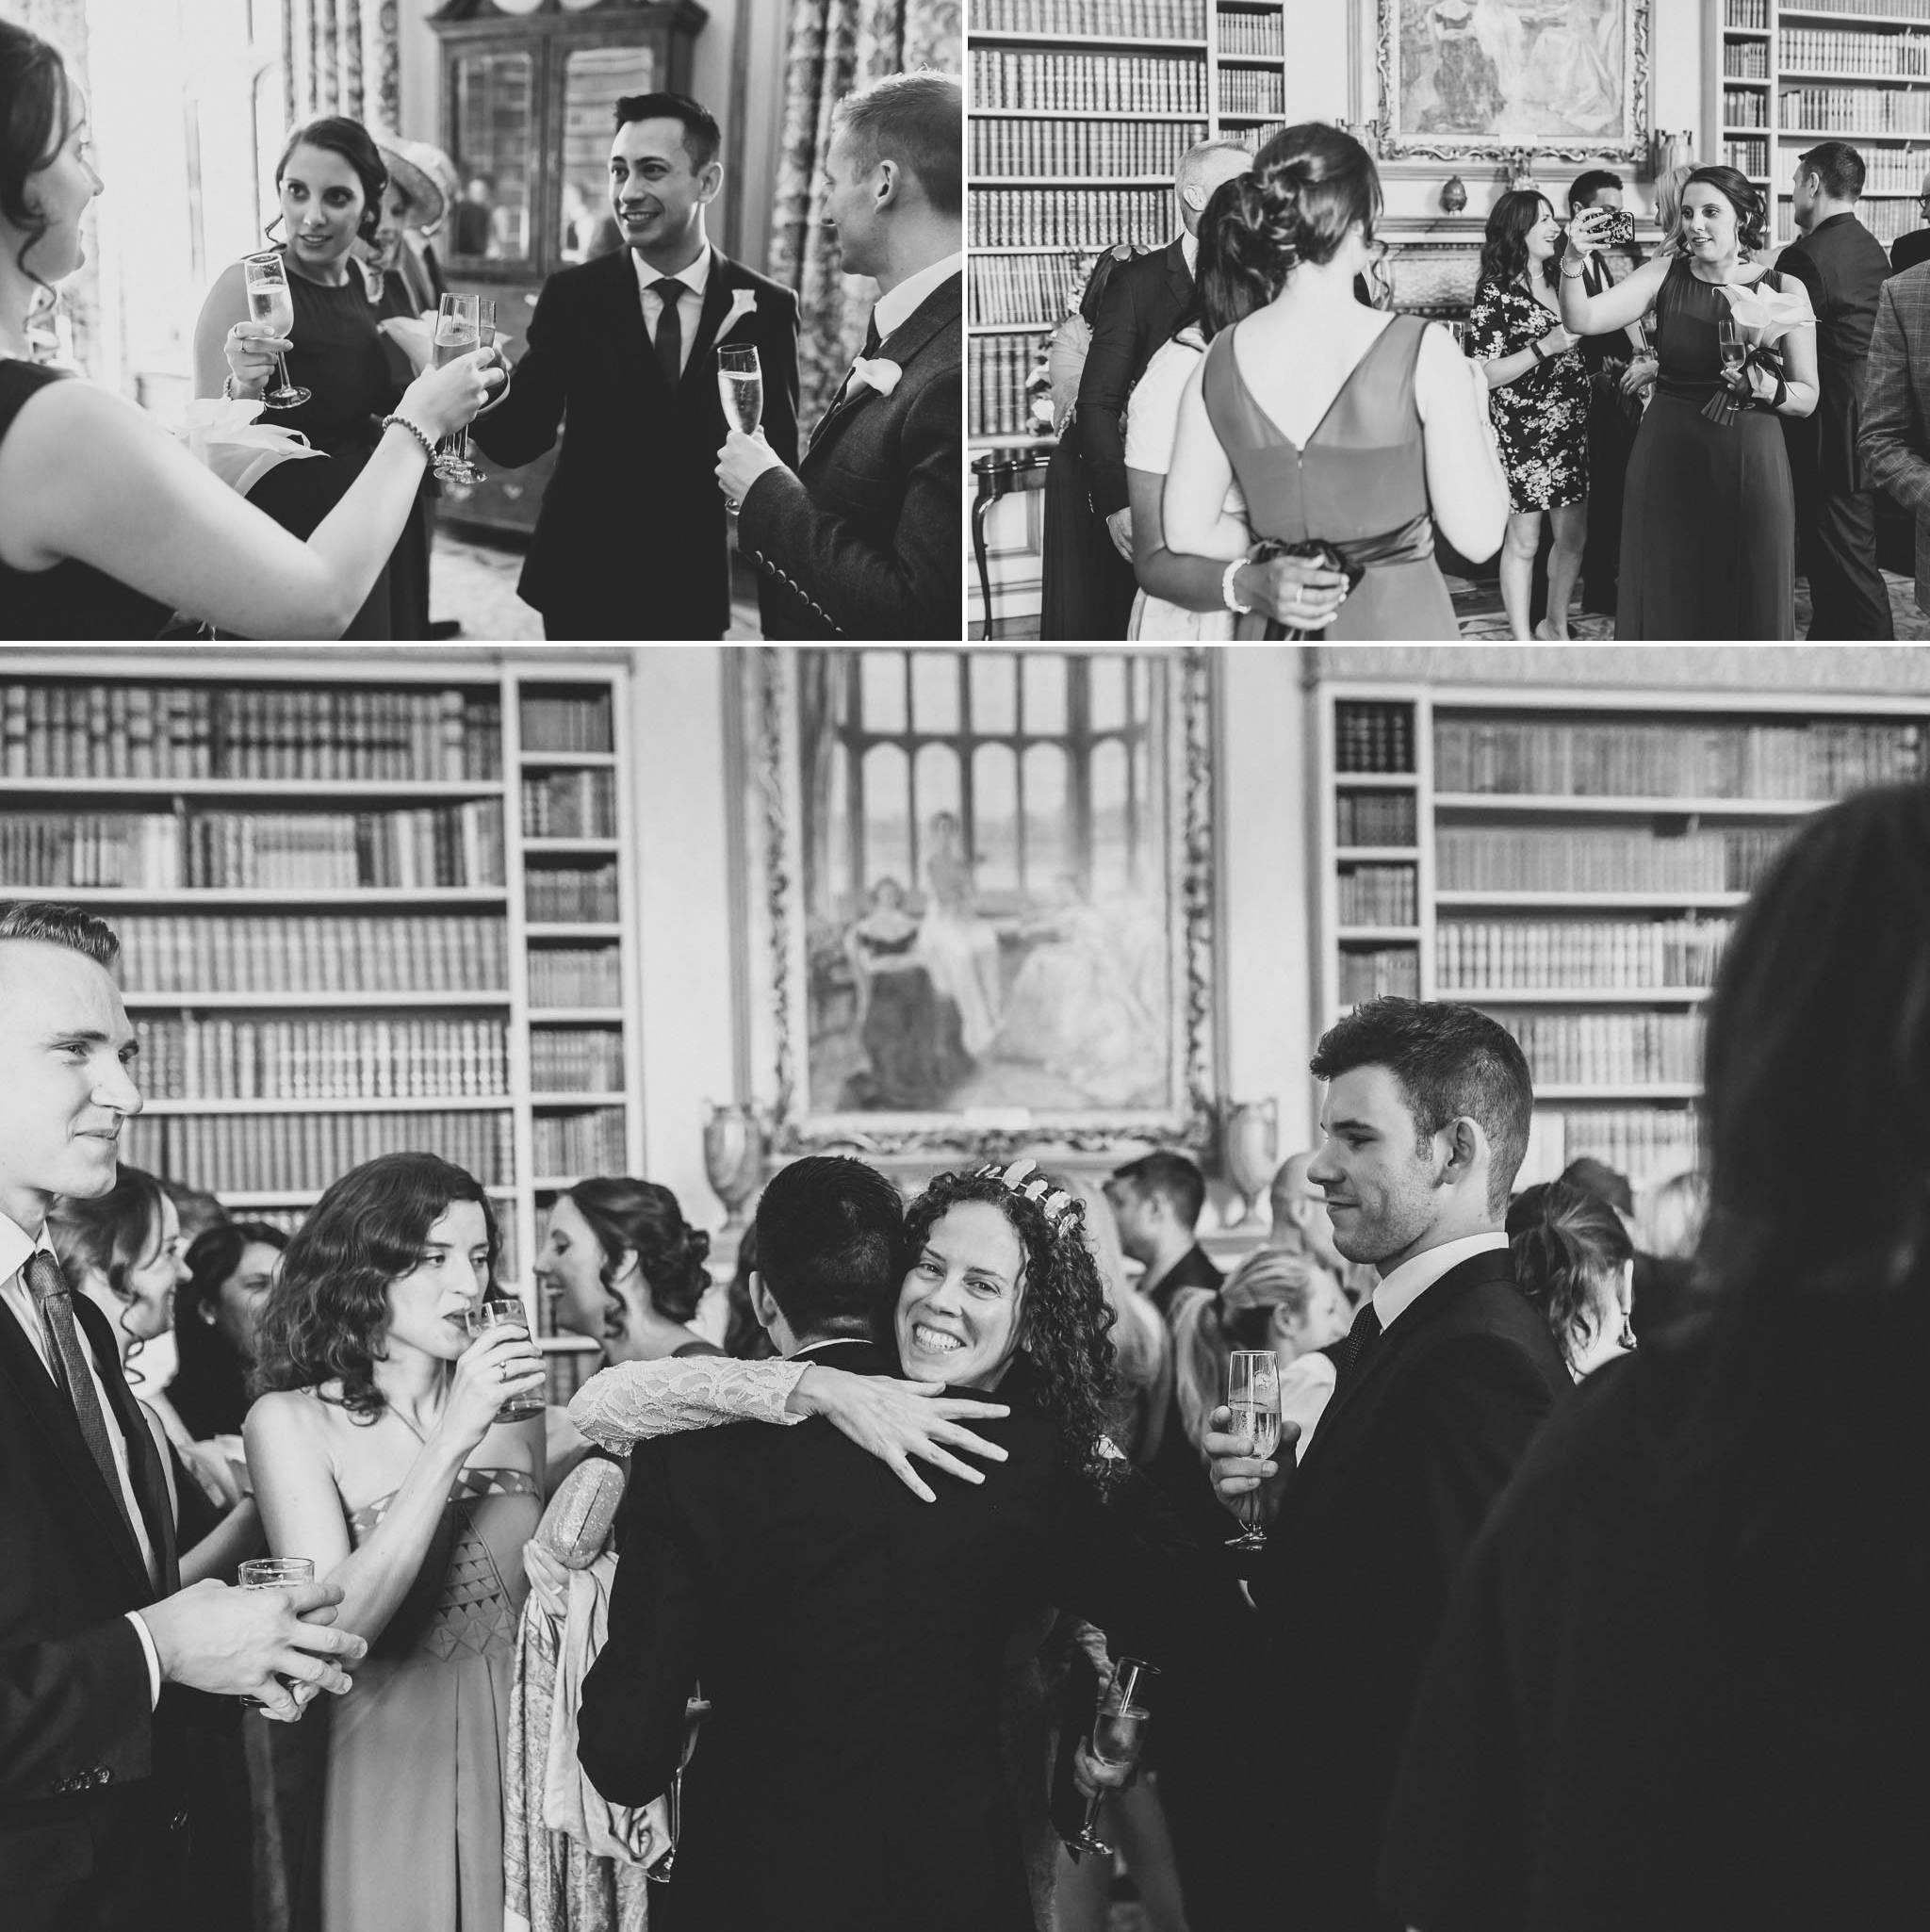 leeds-castle-wedding-photography 21.jpg